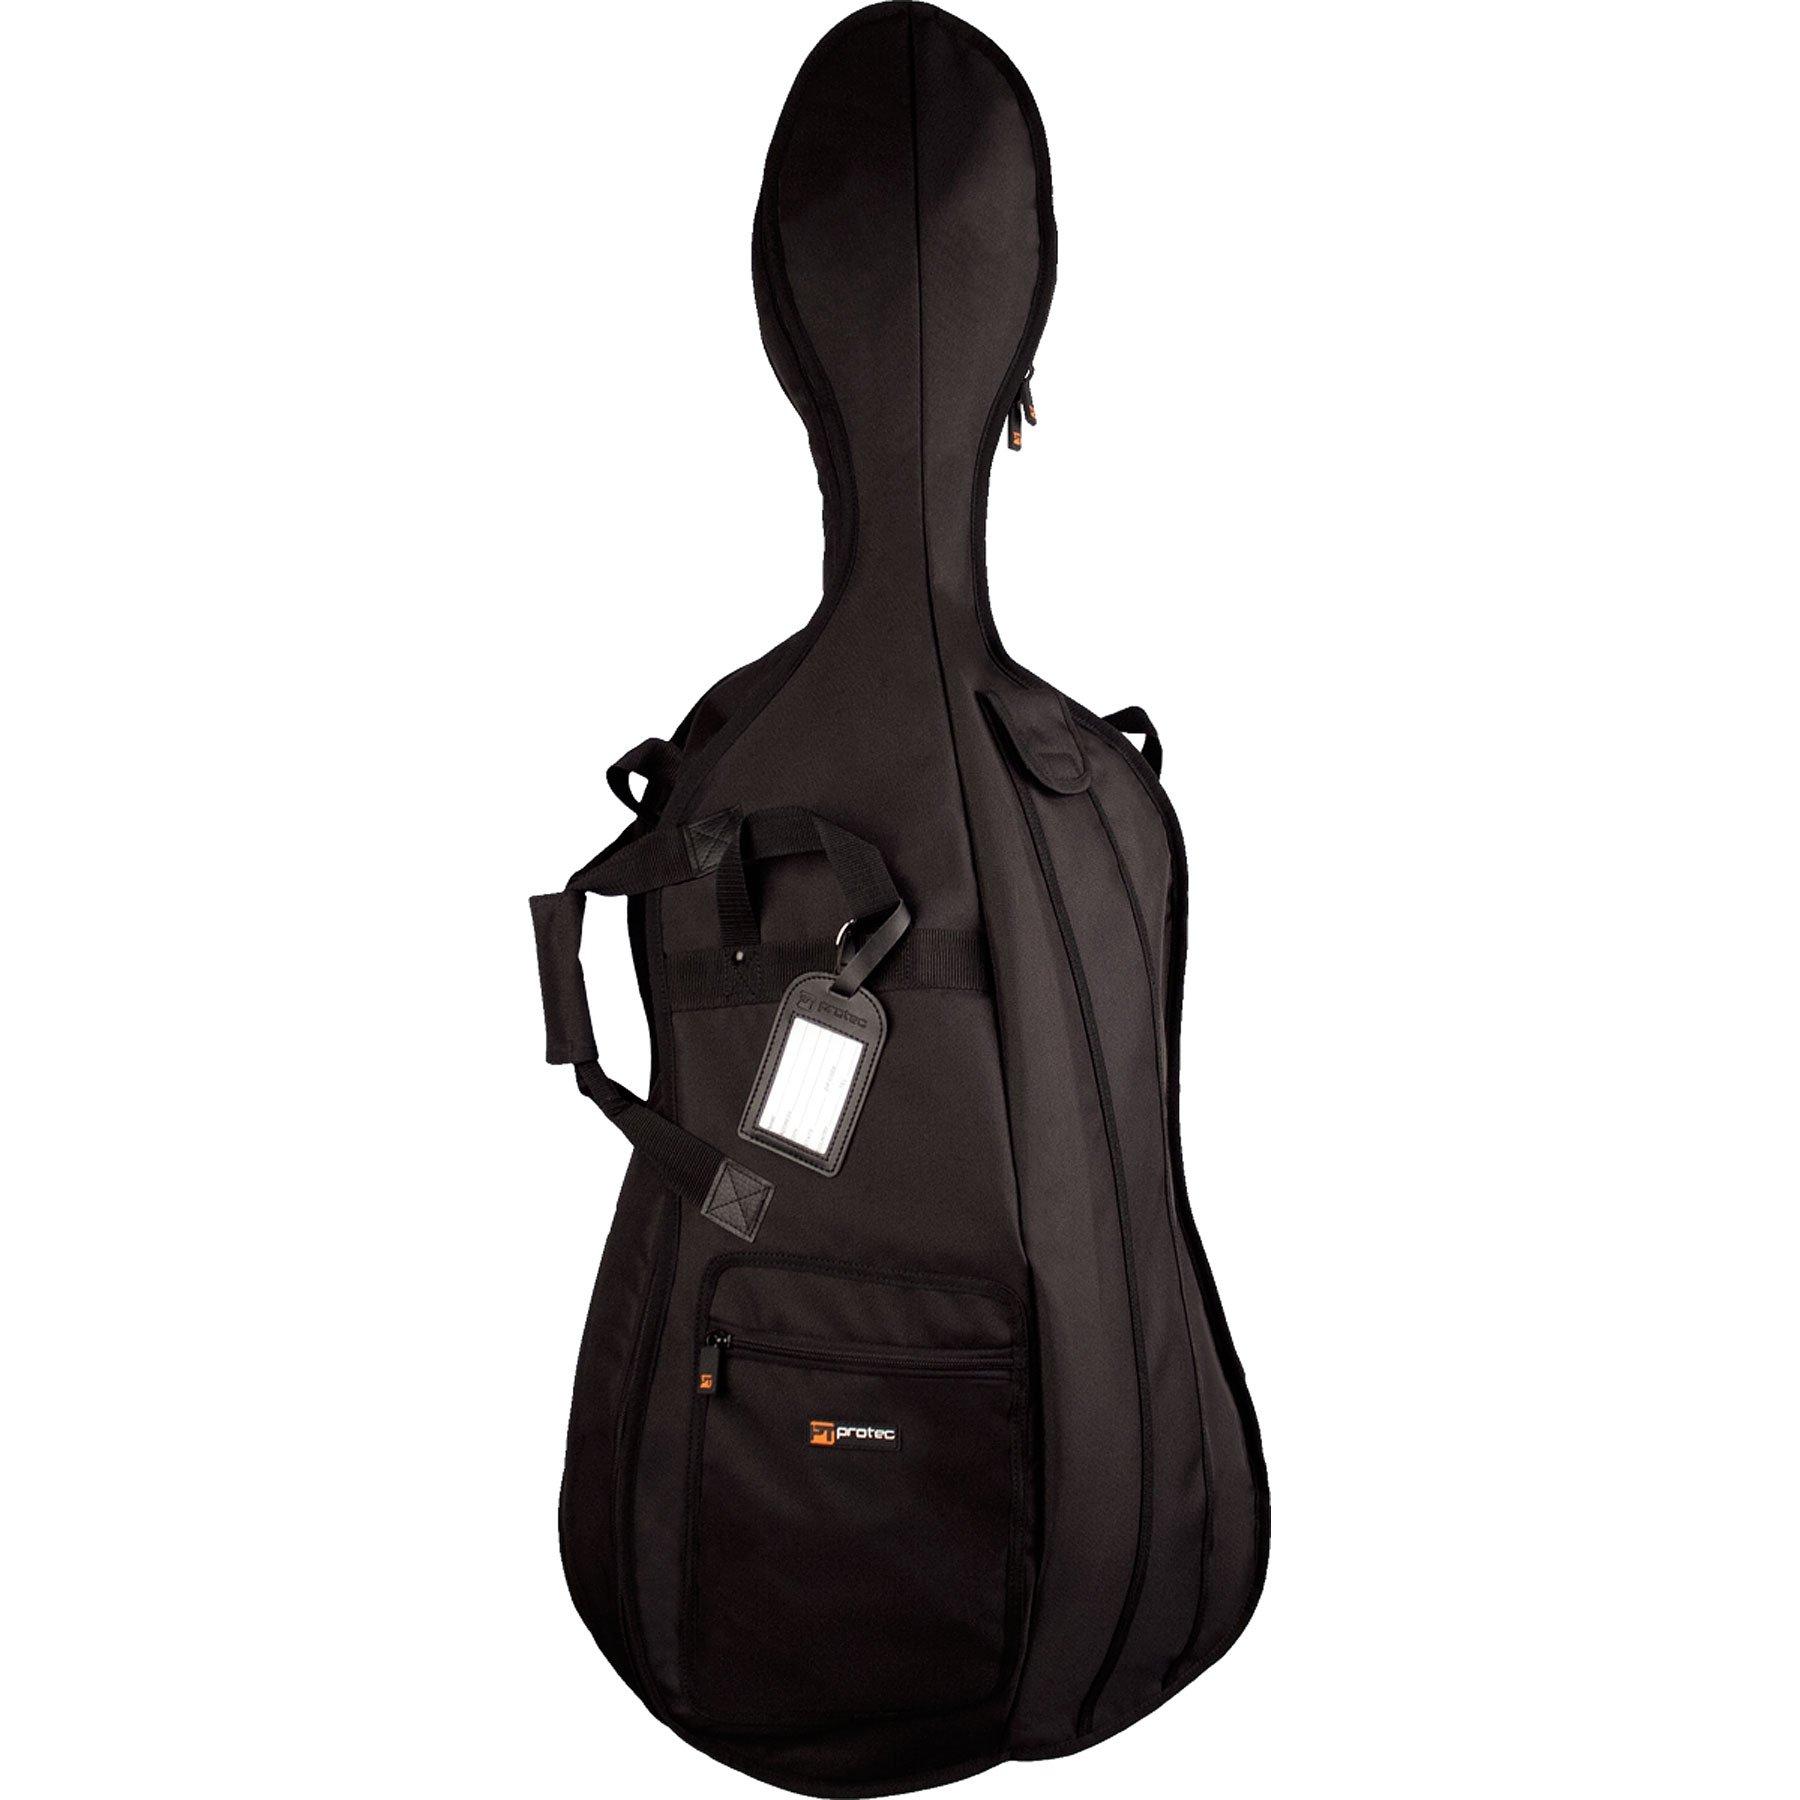 Protec 4/4 Cello Gig Bag - Silver Series, Model # C310E